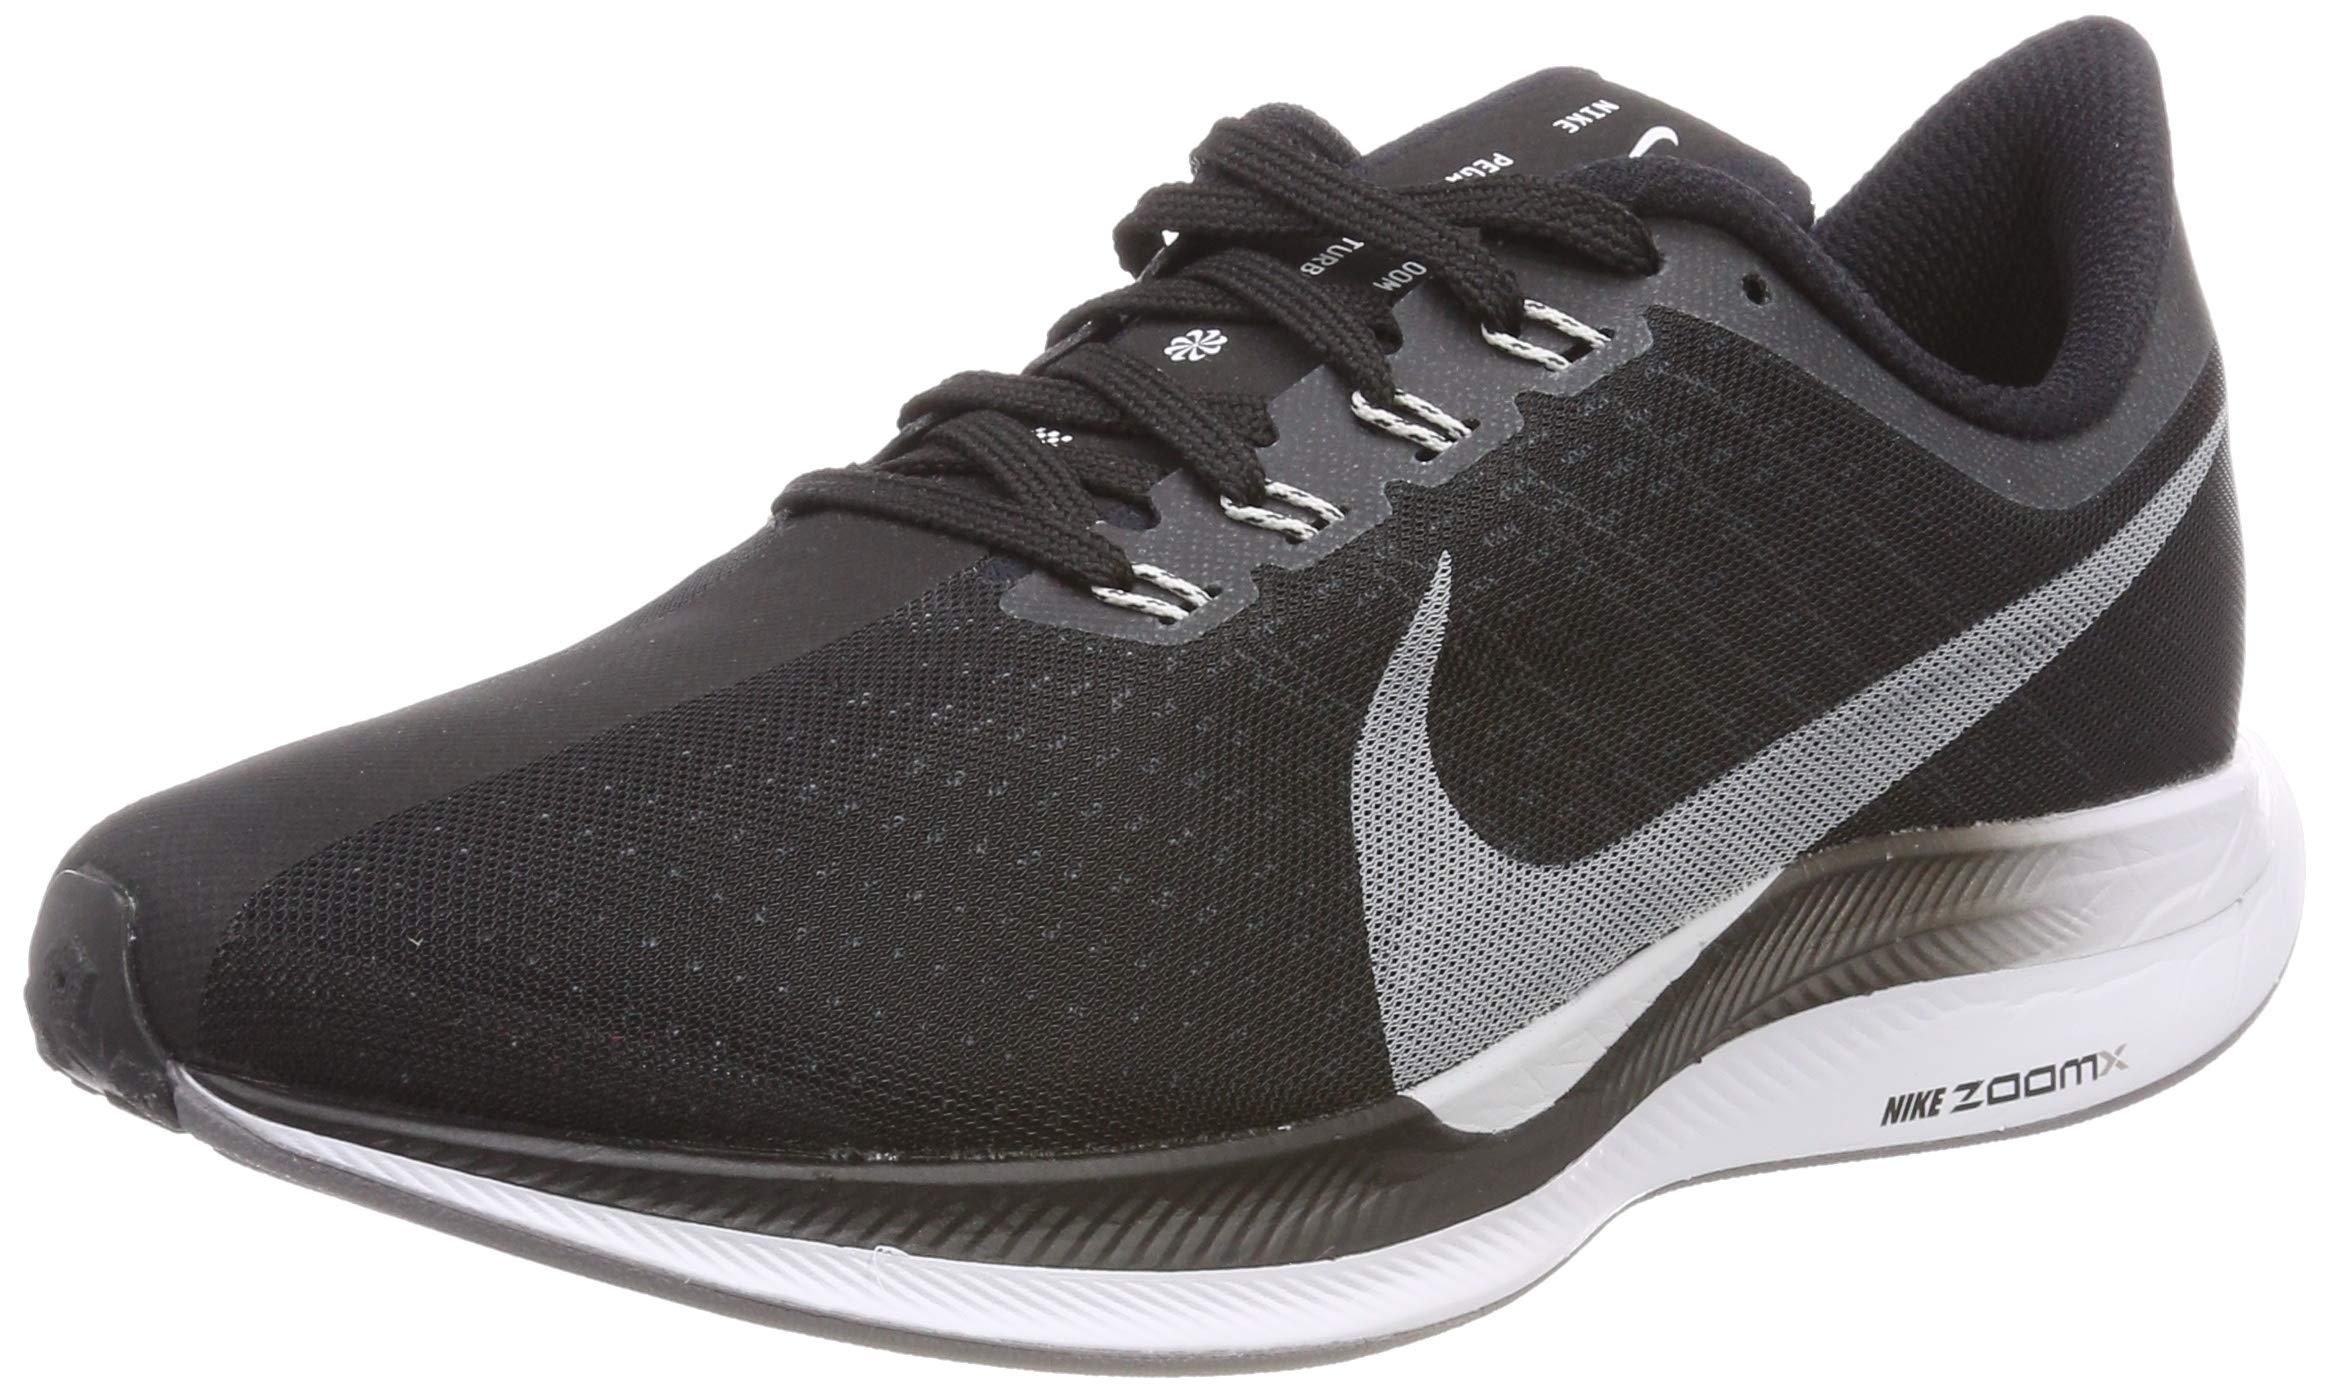 de59004e29561 Galleon - Nike Men s Zoom Pegasus 35 Turbo Running Shoe 11 Black